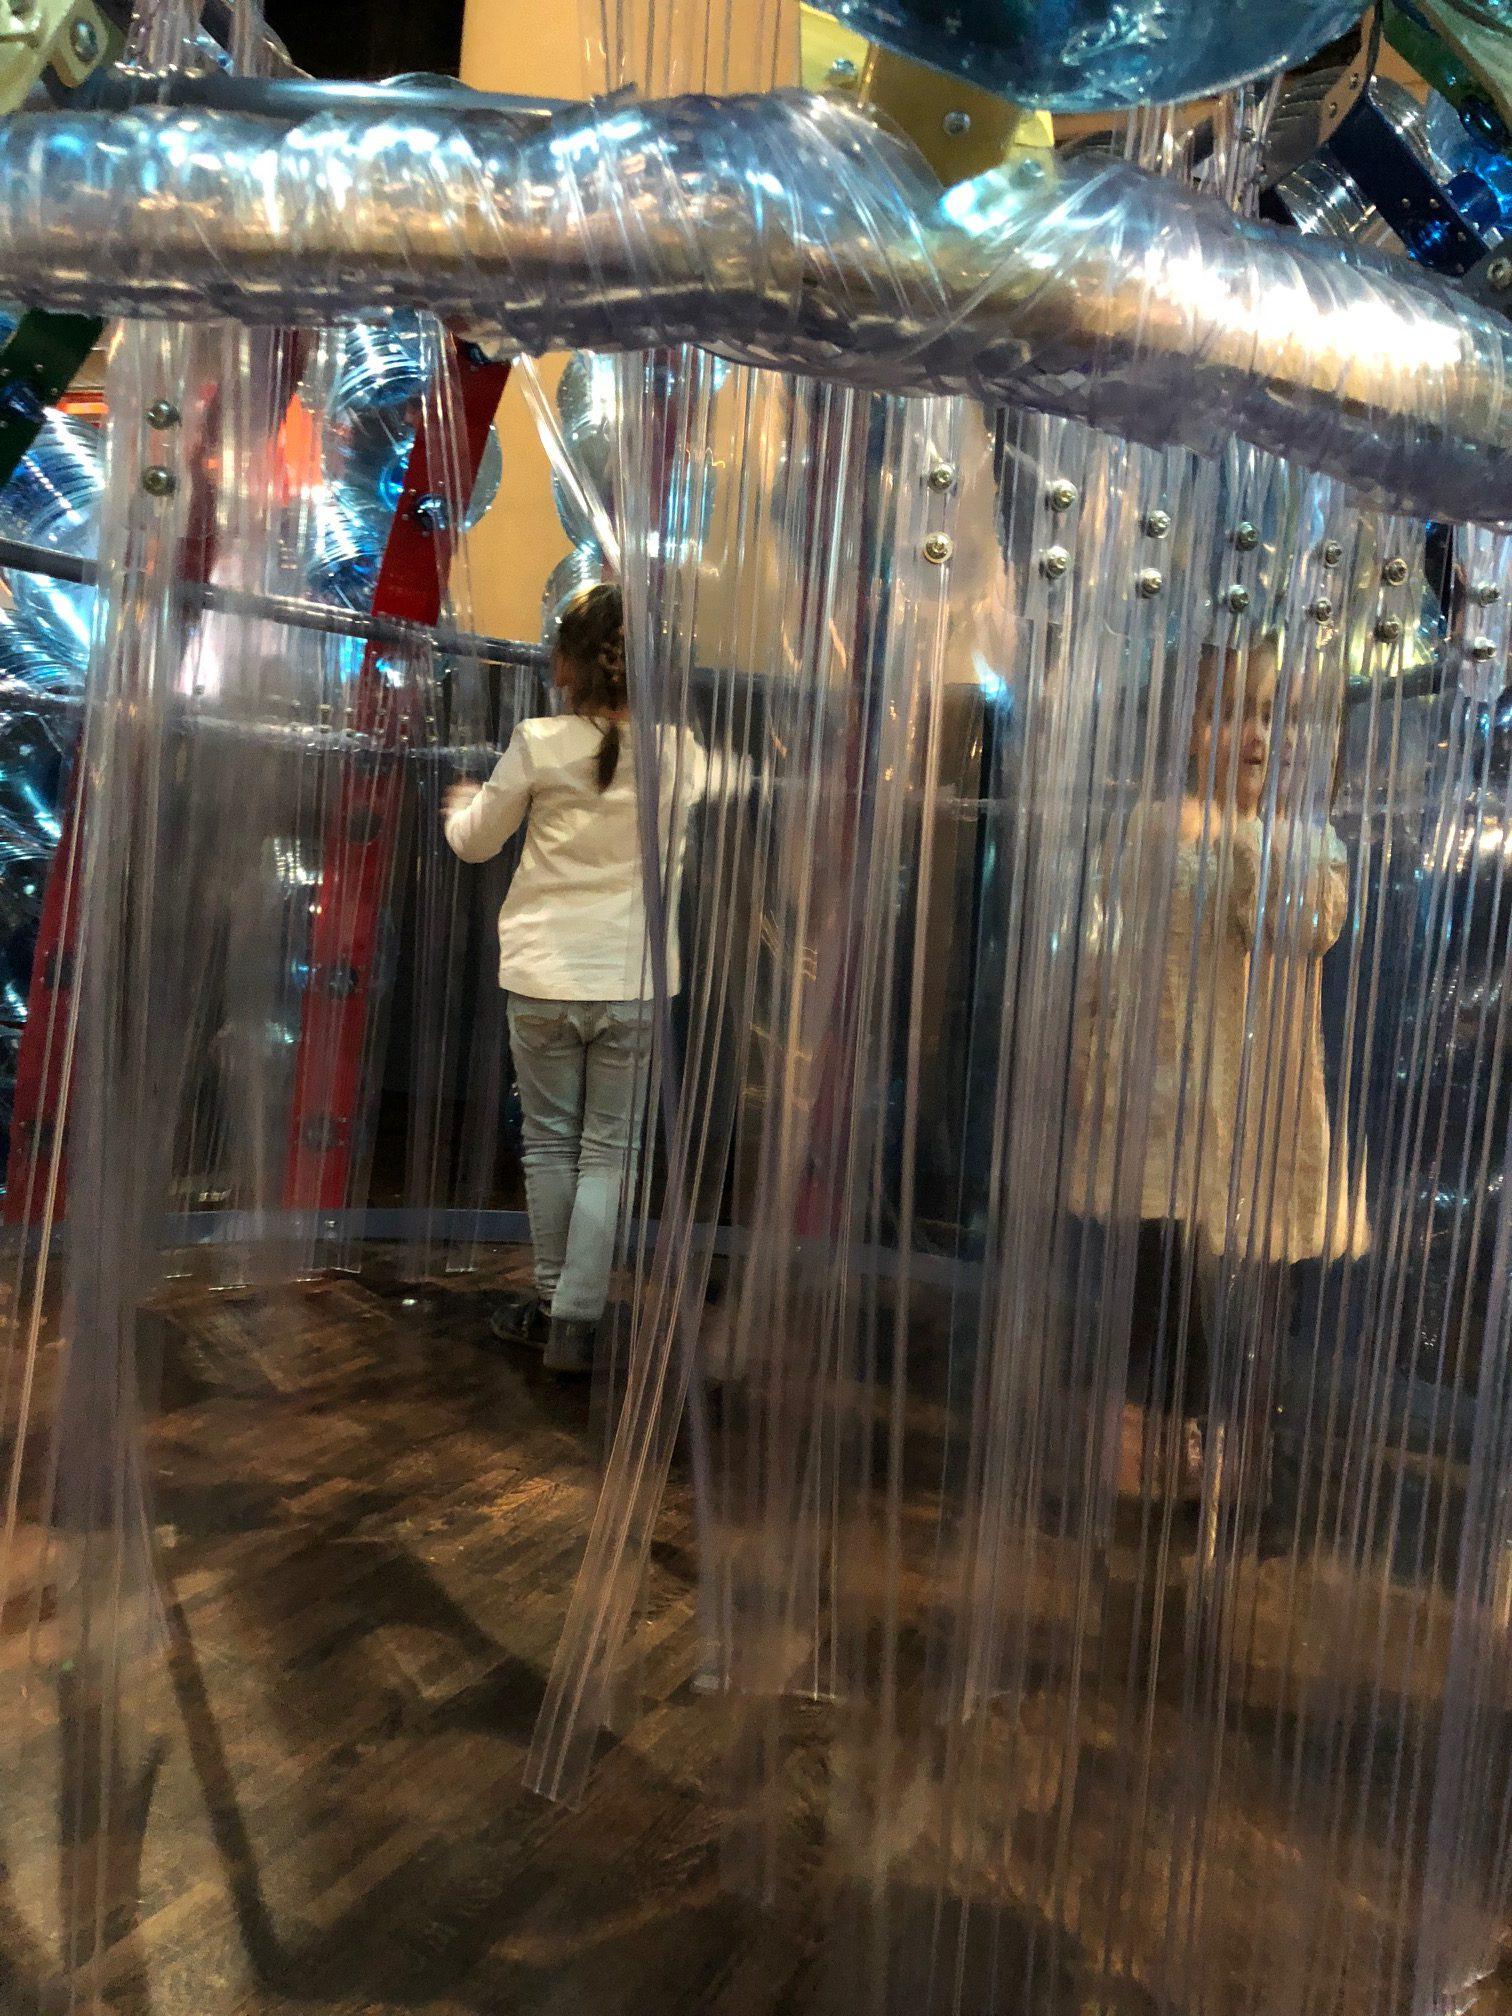 exposition cabanes recyclage cité des sciences